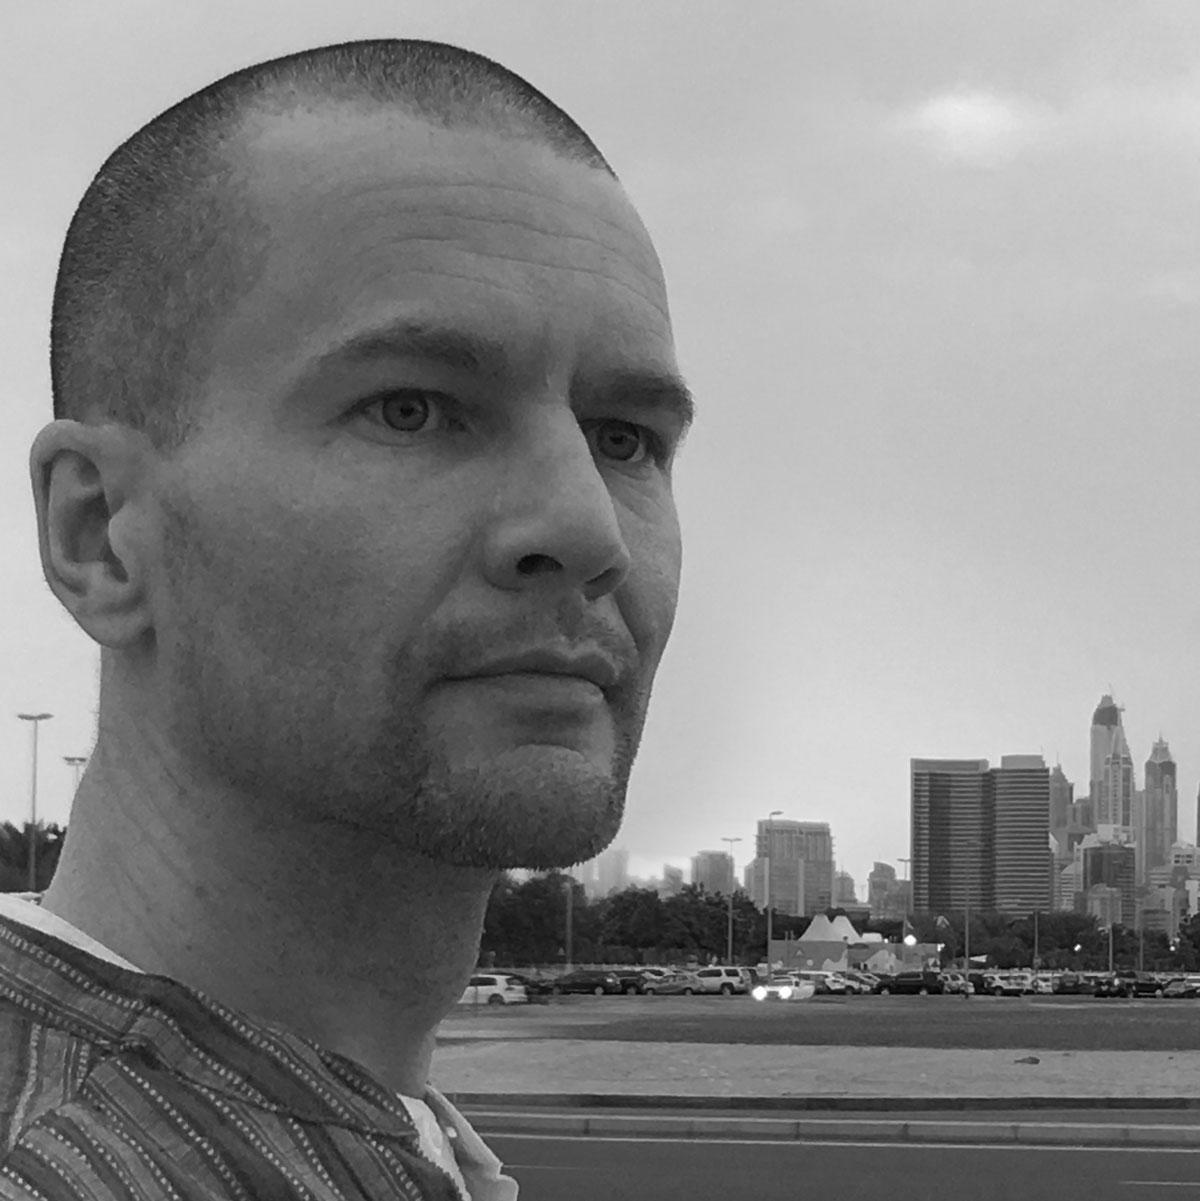 Maksim Varfolomeev, director, producer, designer, researcher